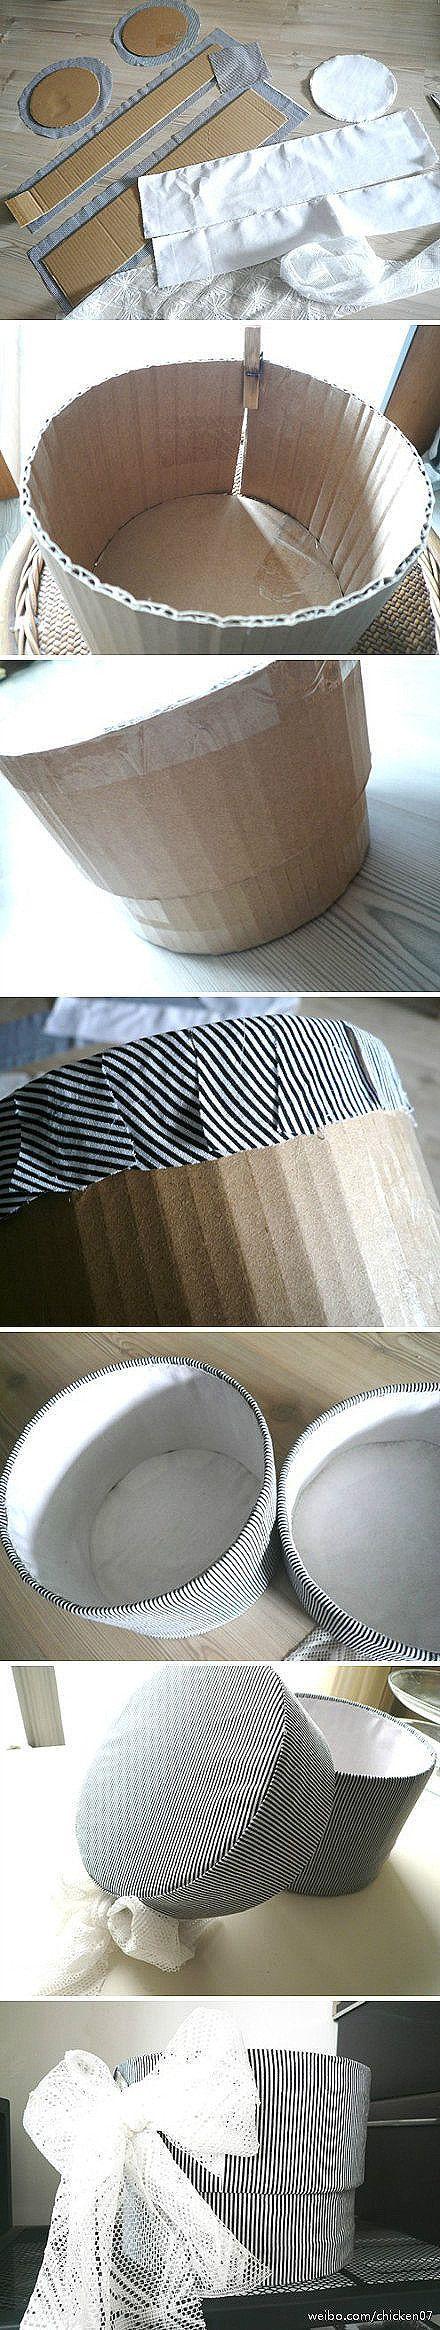 ¡Una grandísima idea para utilizar el cartón corrugado! https://www.cajadecarton.es/carton-corrugado?utm_source=Pinterest&utm_medium=social&utm_campaign=20160616-carton_corrugado